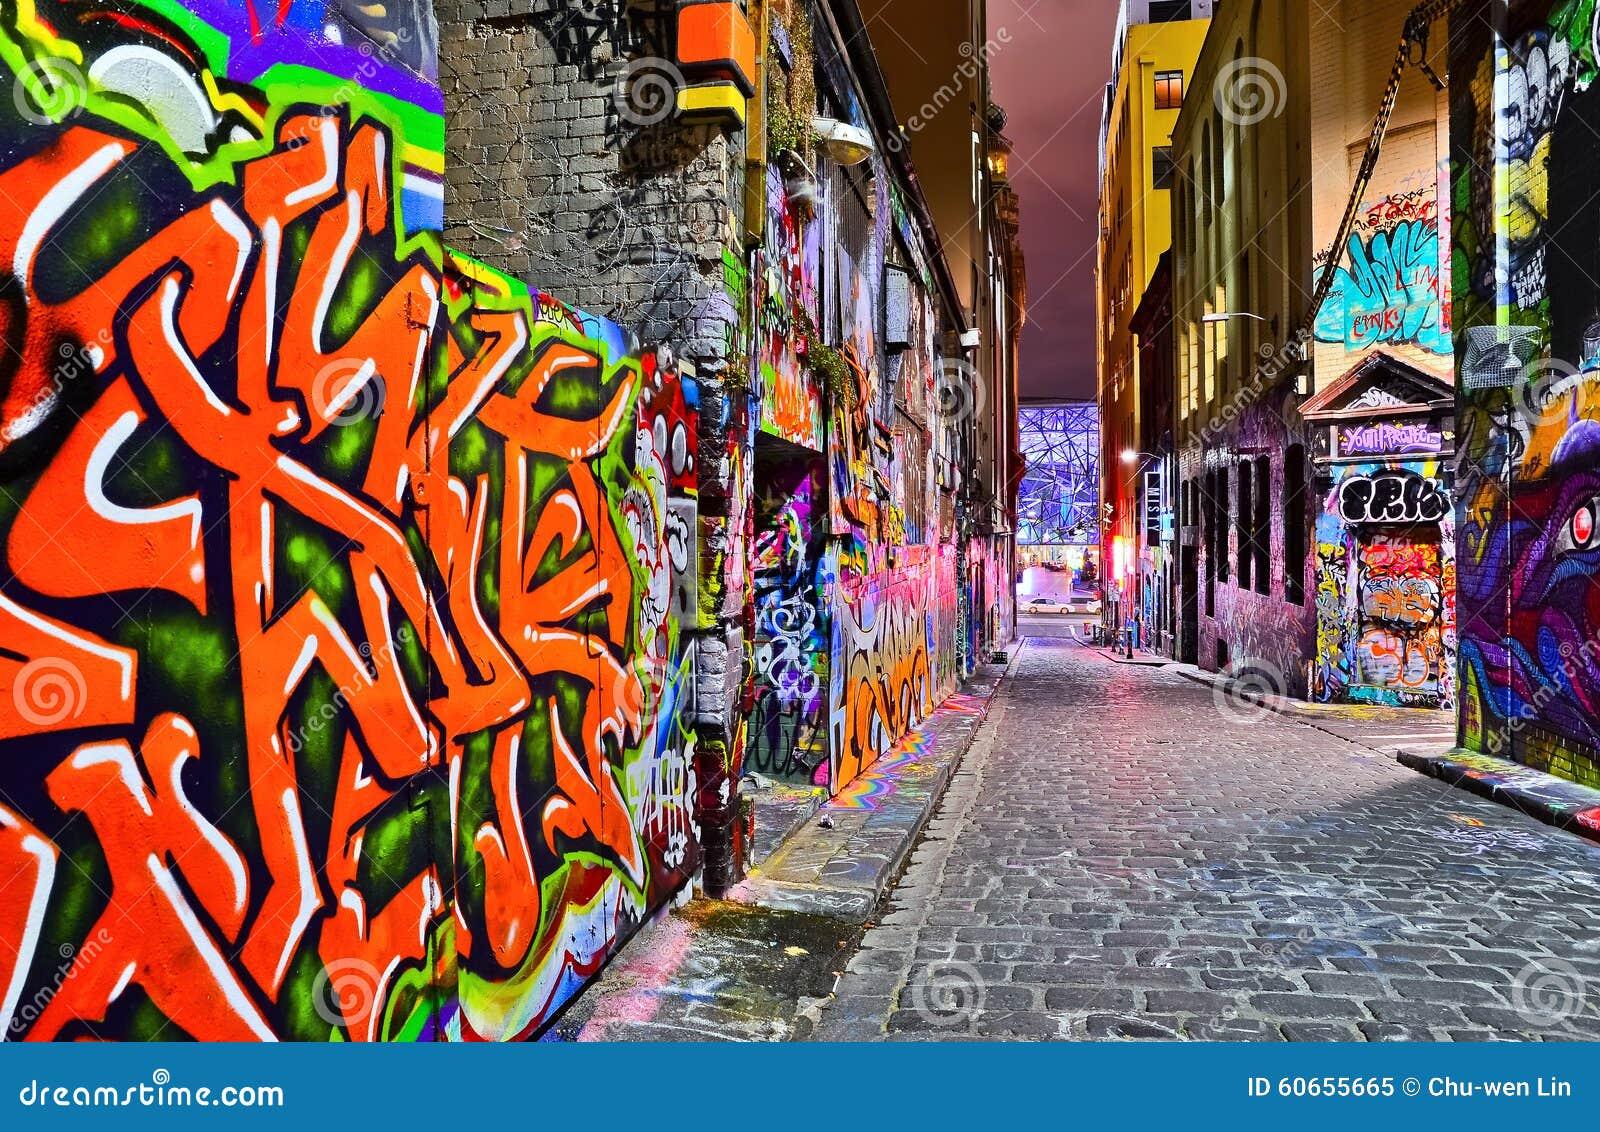 Colorful Graffiti And Concertina Wire In Haiti Editorial